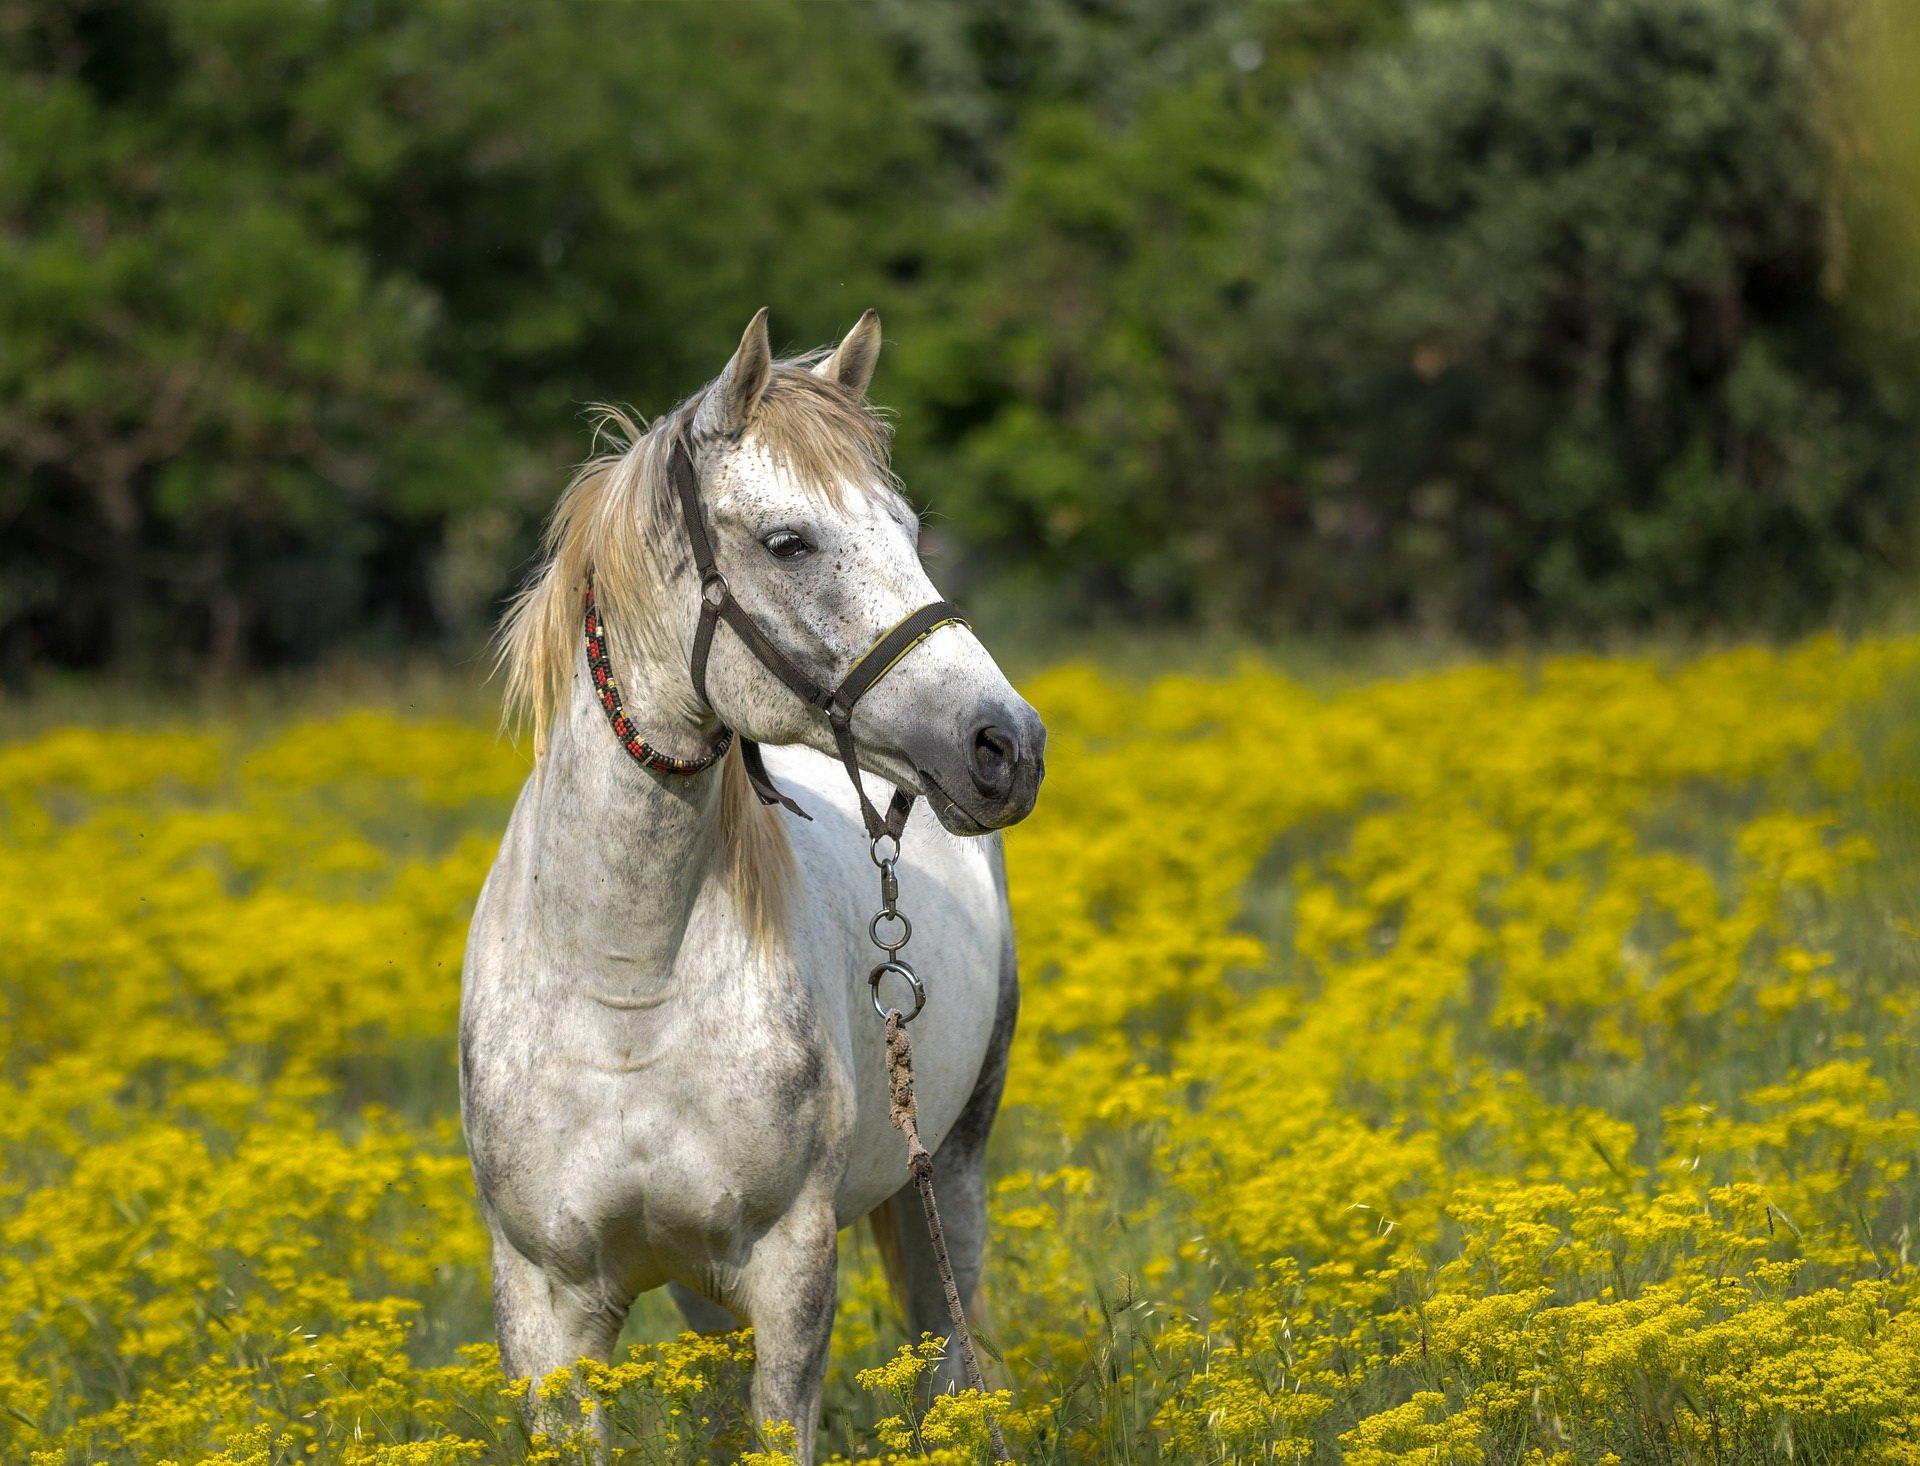 Zagadka logiczna dla dzieci o koniu